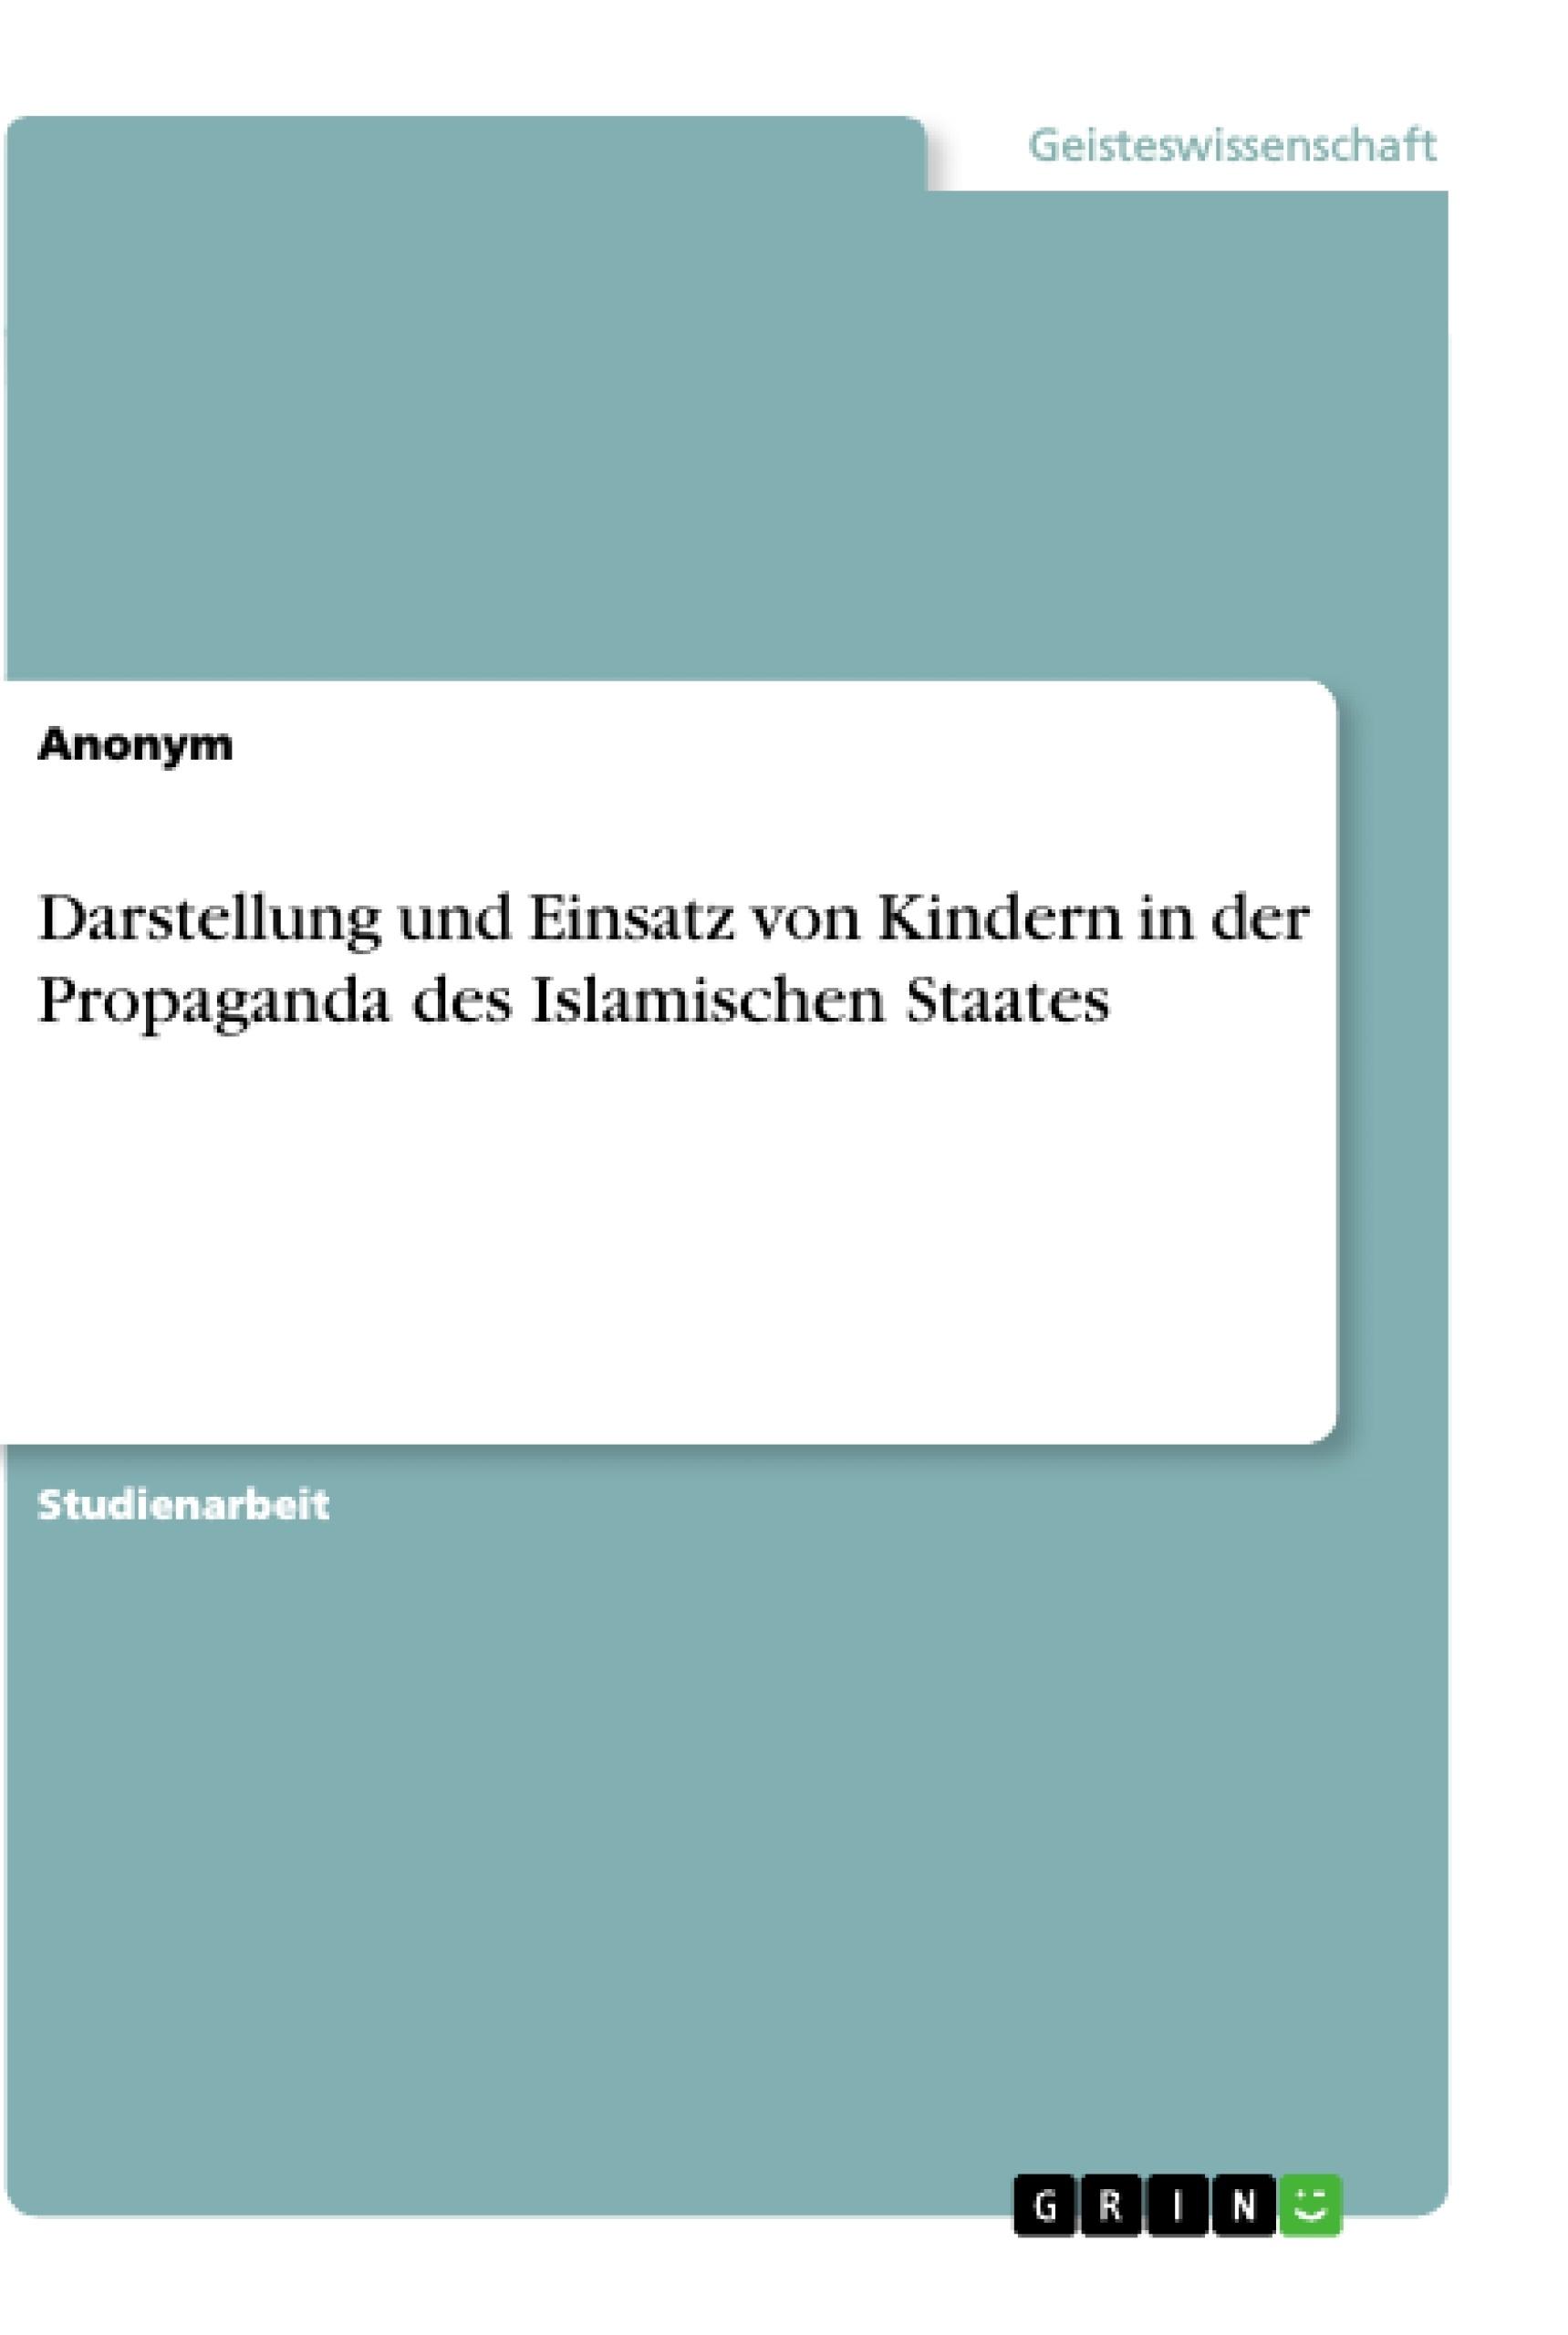 Titel: Darstellung und Einsatz von Kindern in der Propaganda des Islamischen Staates